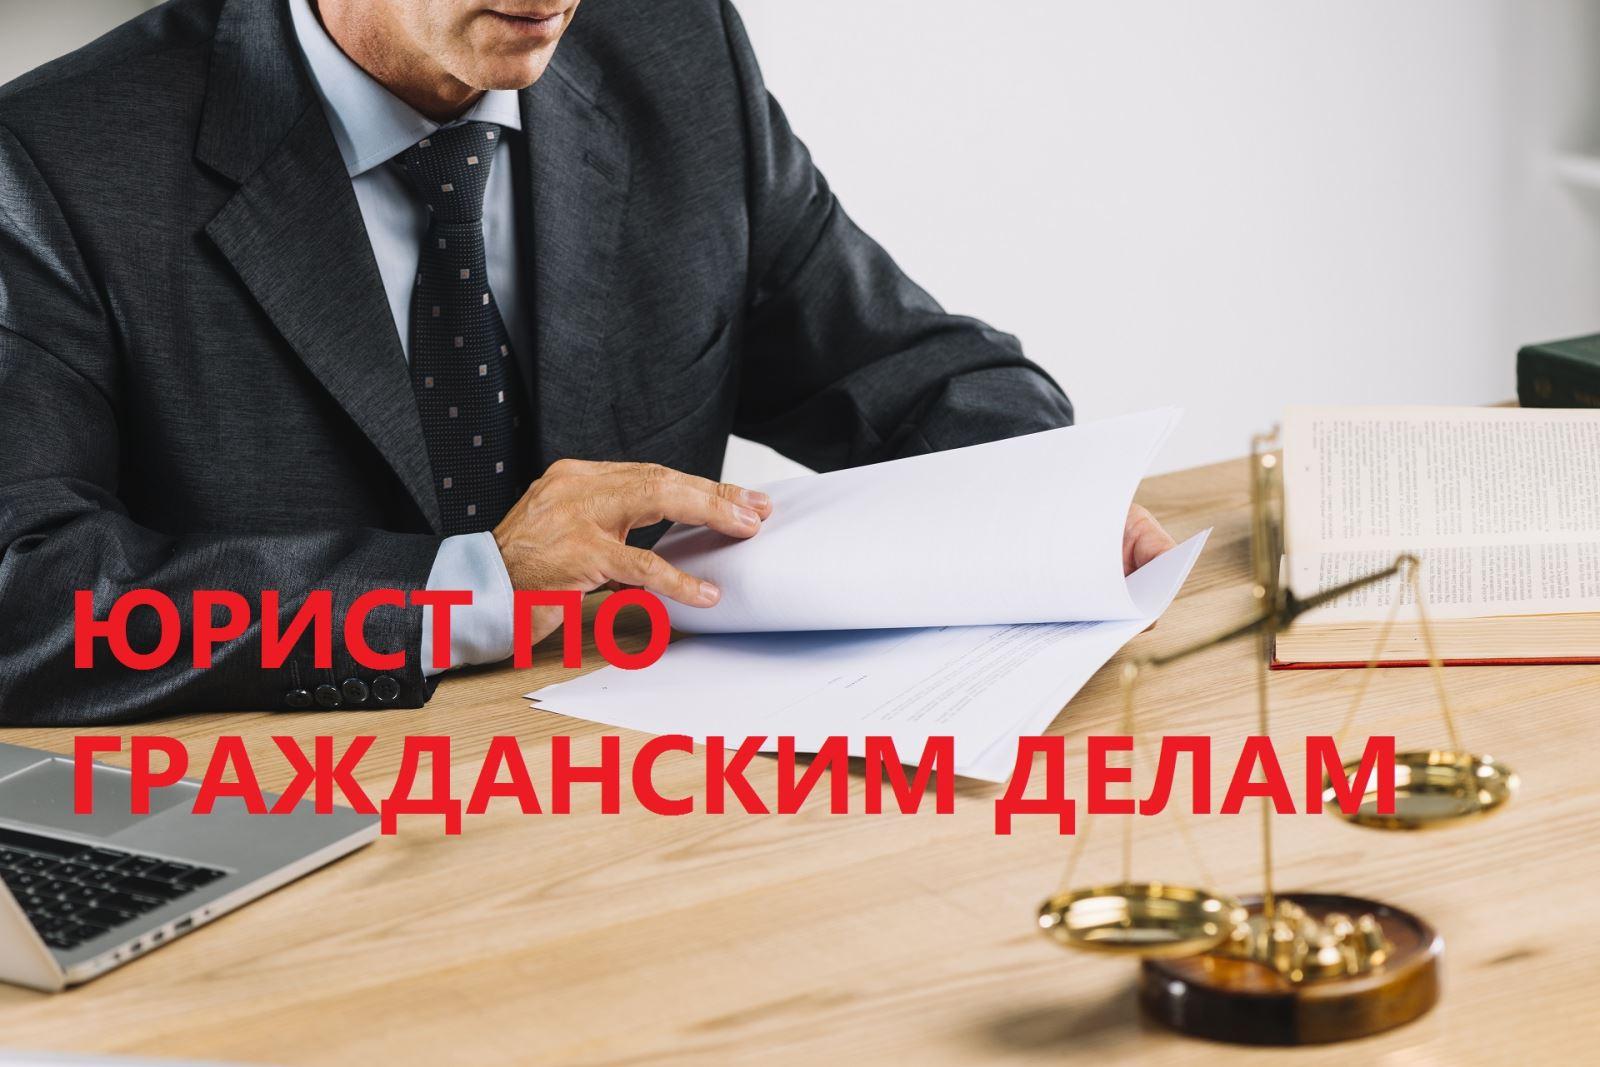 как нанять бесплатного юрист